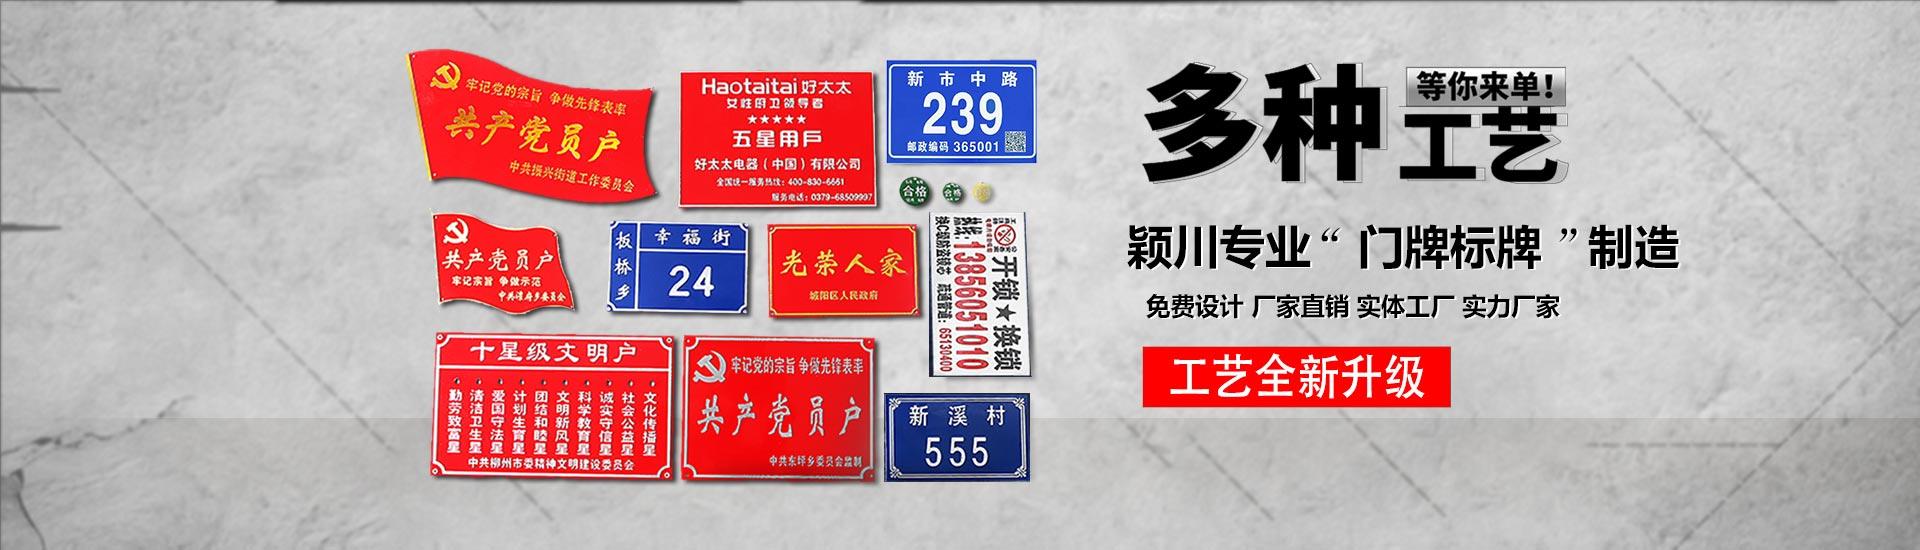 zhuan业门牌biao牌制造